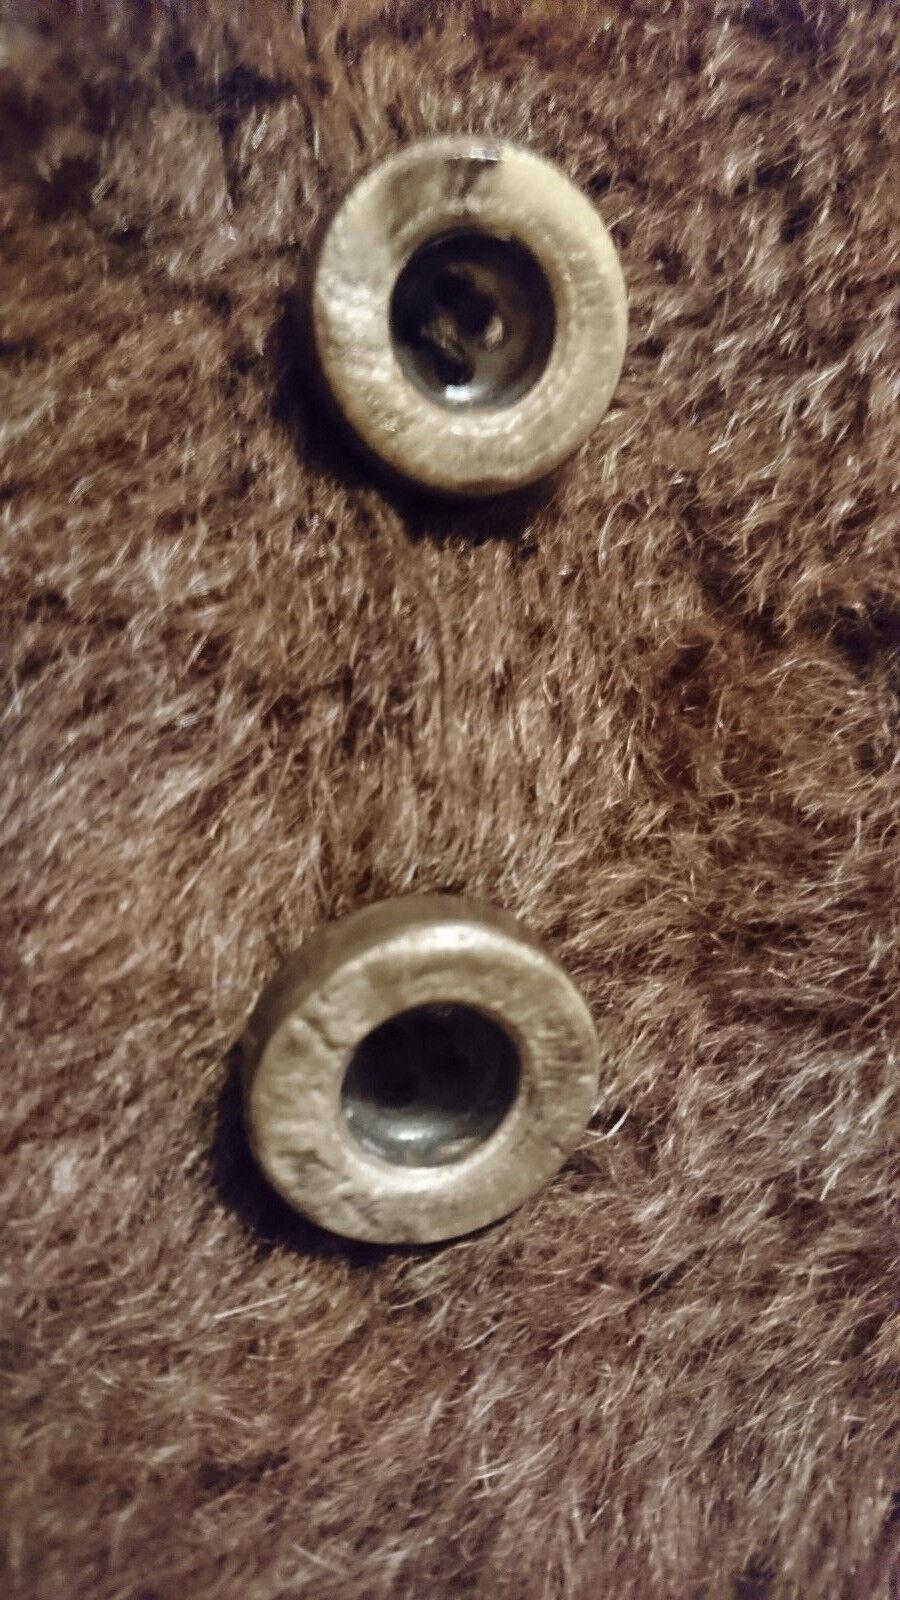 Kuscheliger Kuscheliger Kuscheliger Lama-Fellmantel in Größe 40   | Vielfalt  | Verrückte Preis  | Ermäßigung  | Neue Produkte im Jahr 2019  | Qualität zuerst  05485a